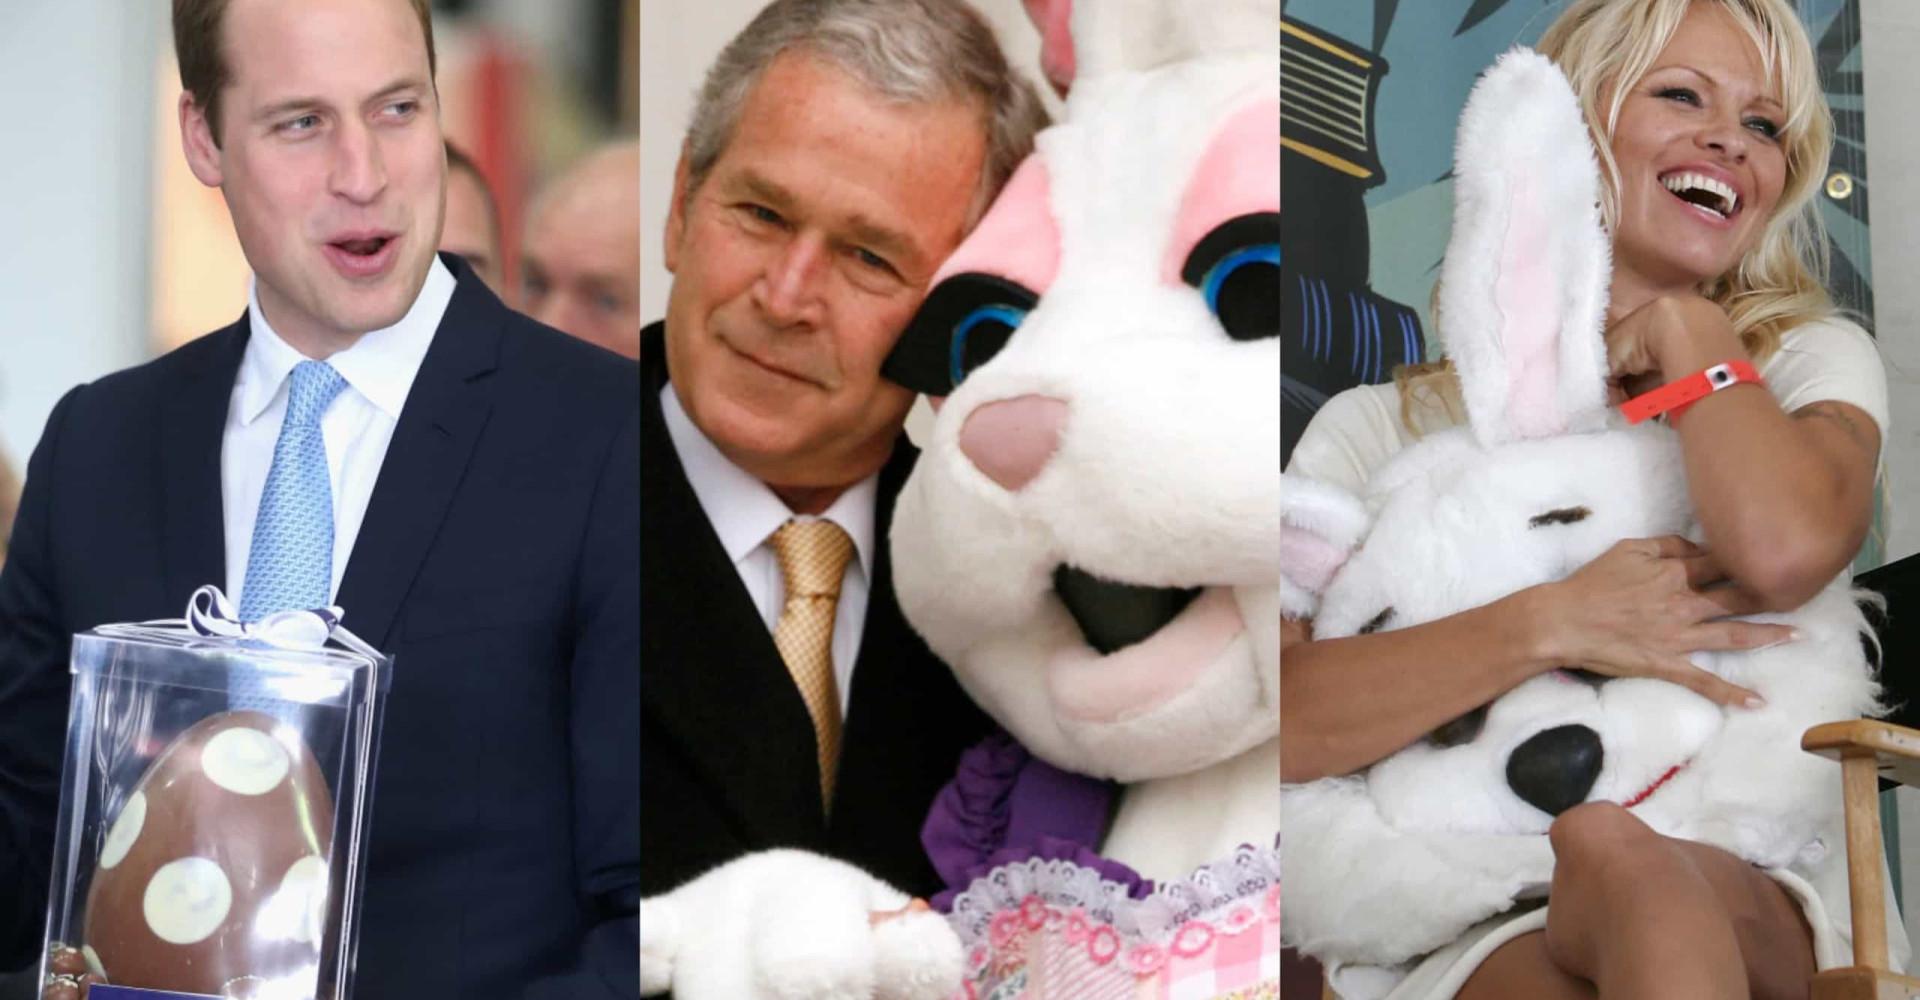 Les stars ne fêtent pas Pâques comme tout le monde